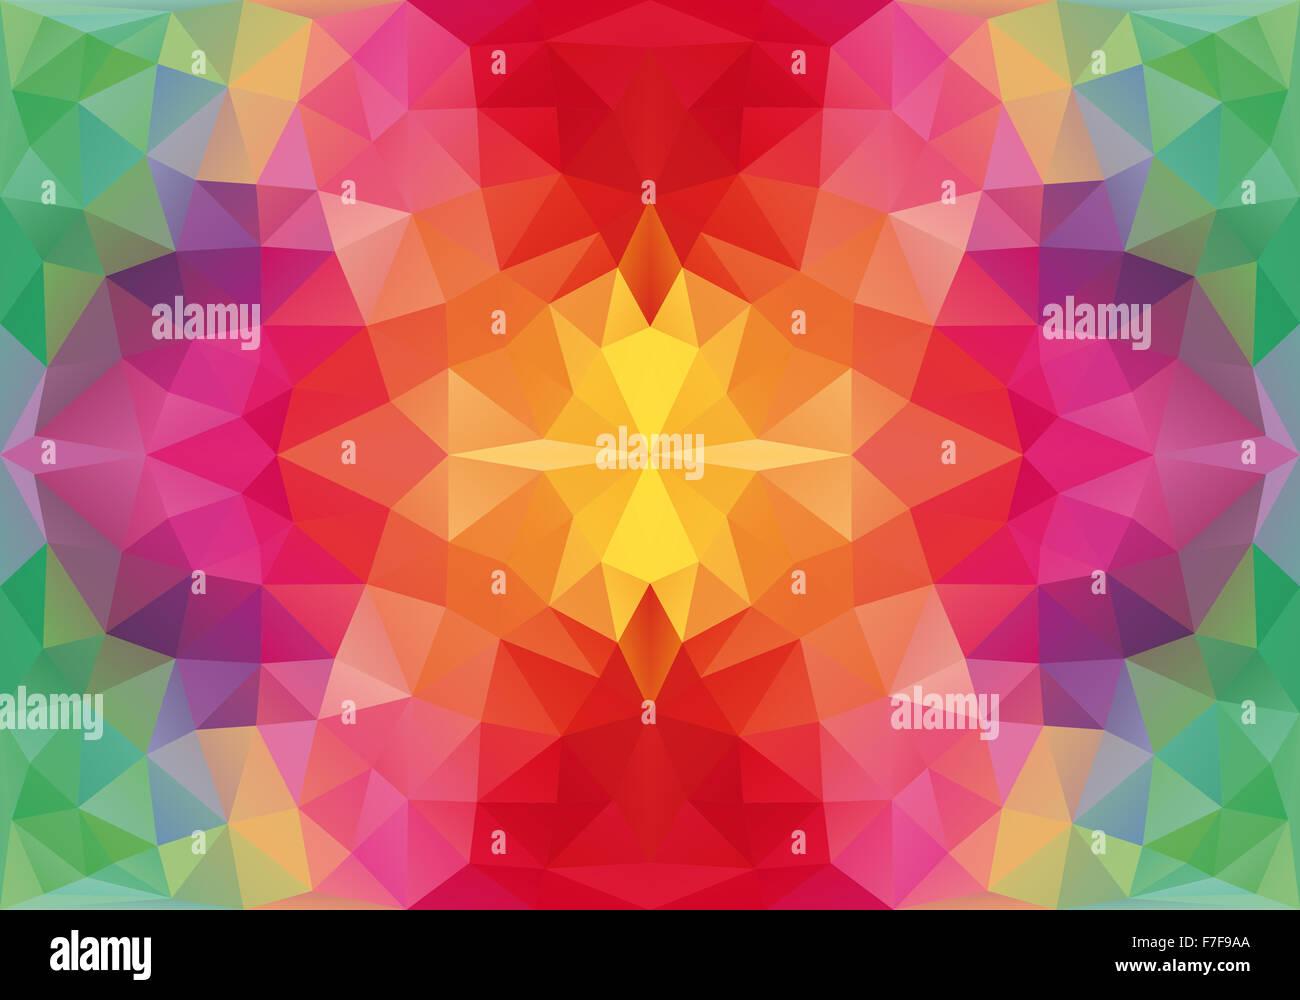 abstrakte florale geometrische Polygon Muster, nahtlose Vektor Hintergrund Stockbild